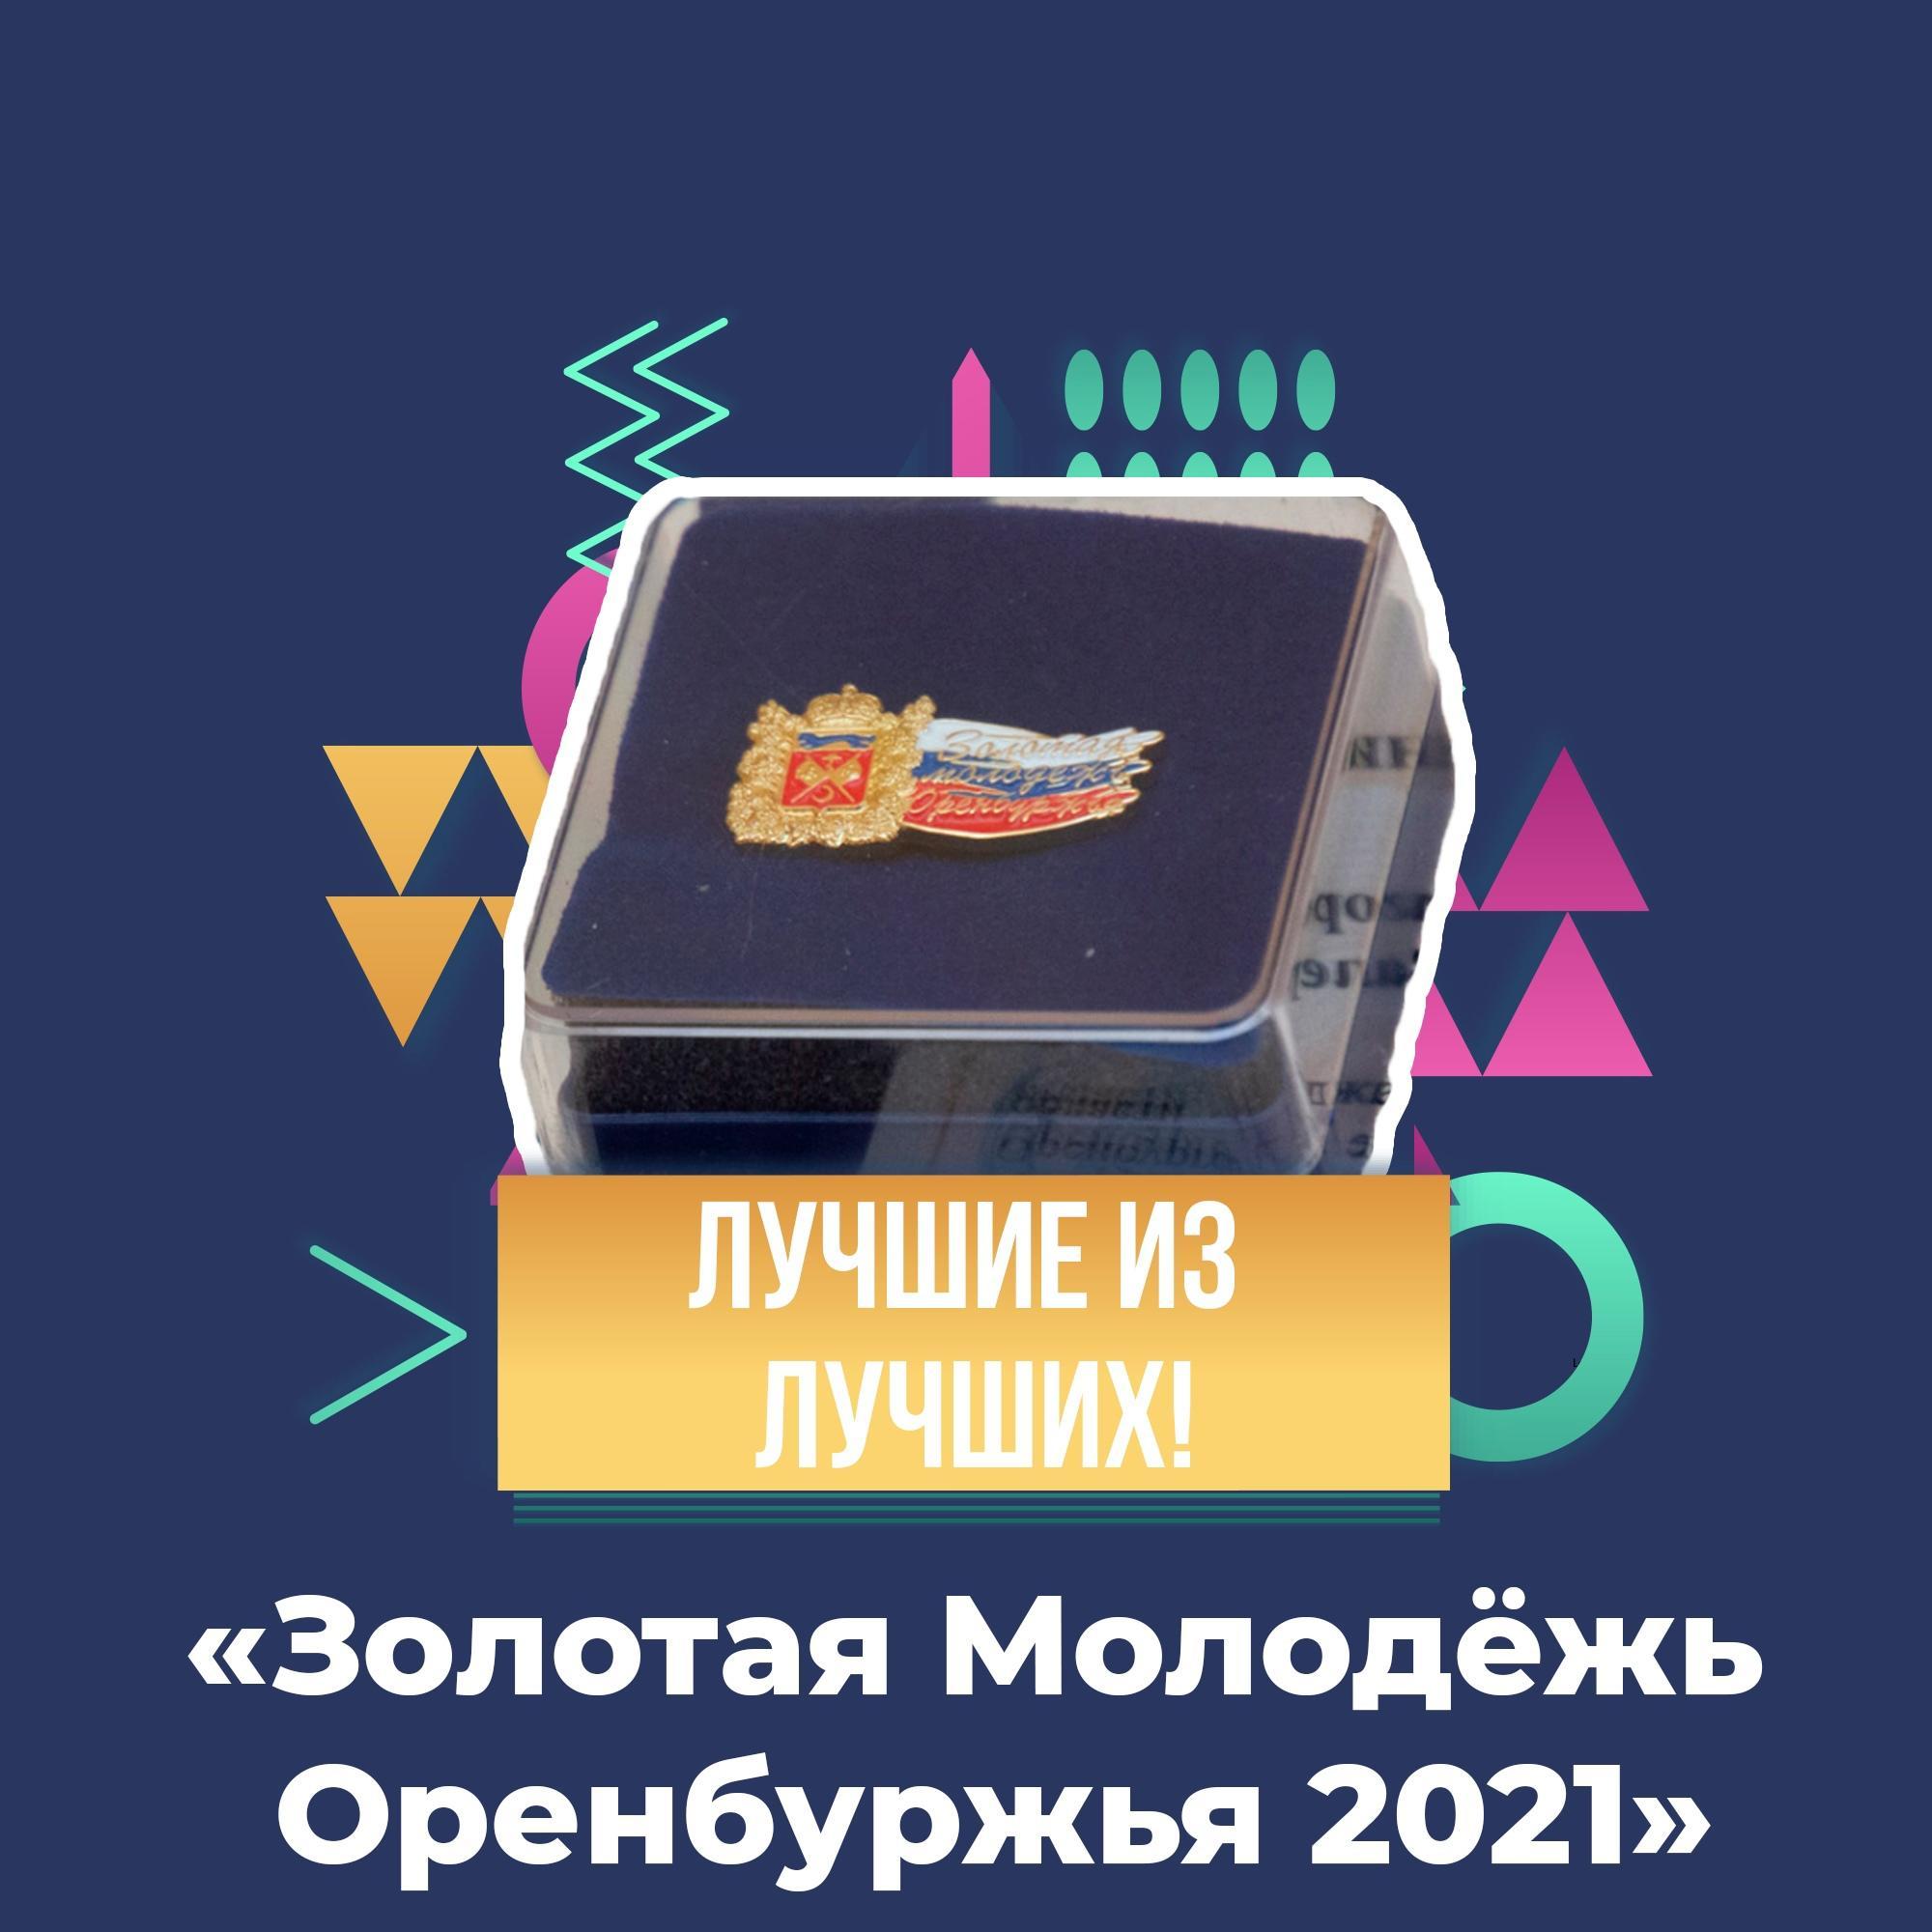 Итоги конкурса «Золотая Молодёжь Оренбуржья 2021»